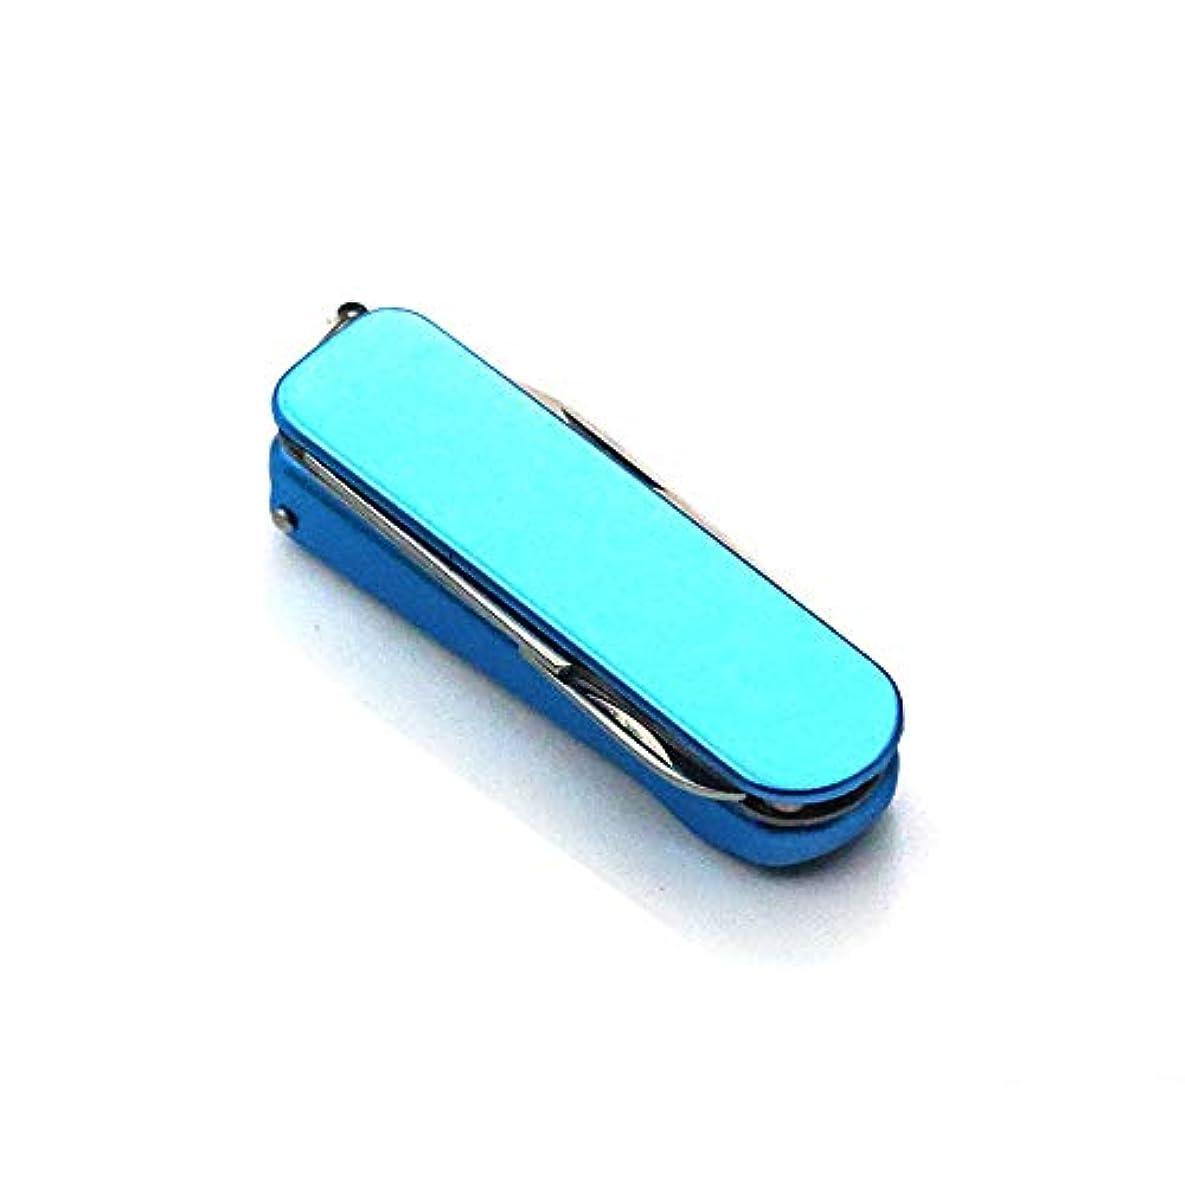 ハッピーに渡って除外する多機能爪切り爪切り折り畳み式のステンレス製の爪切り携帯便利 ステンレス製高級つめきり、ブルー